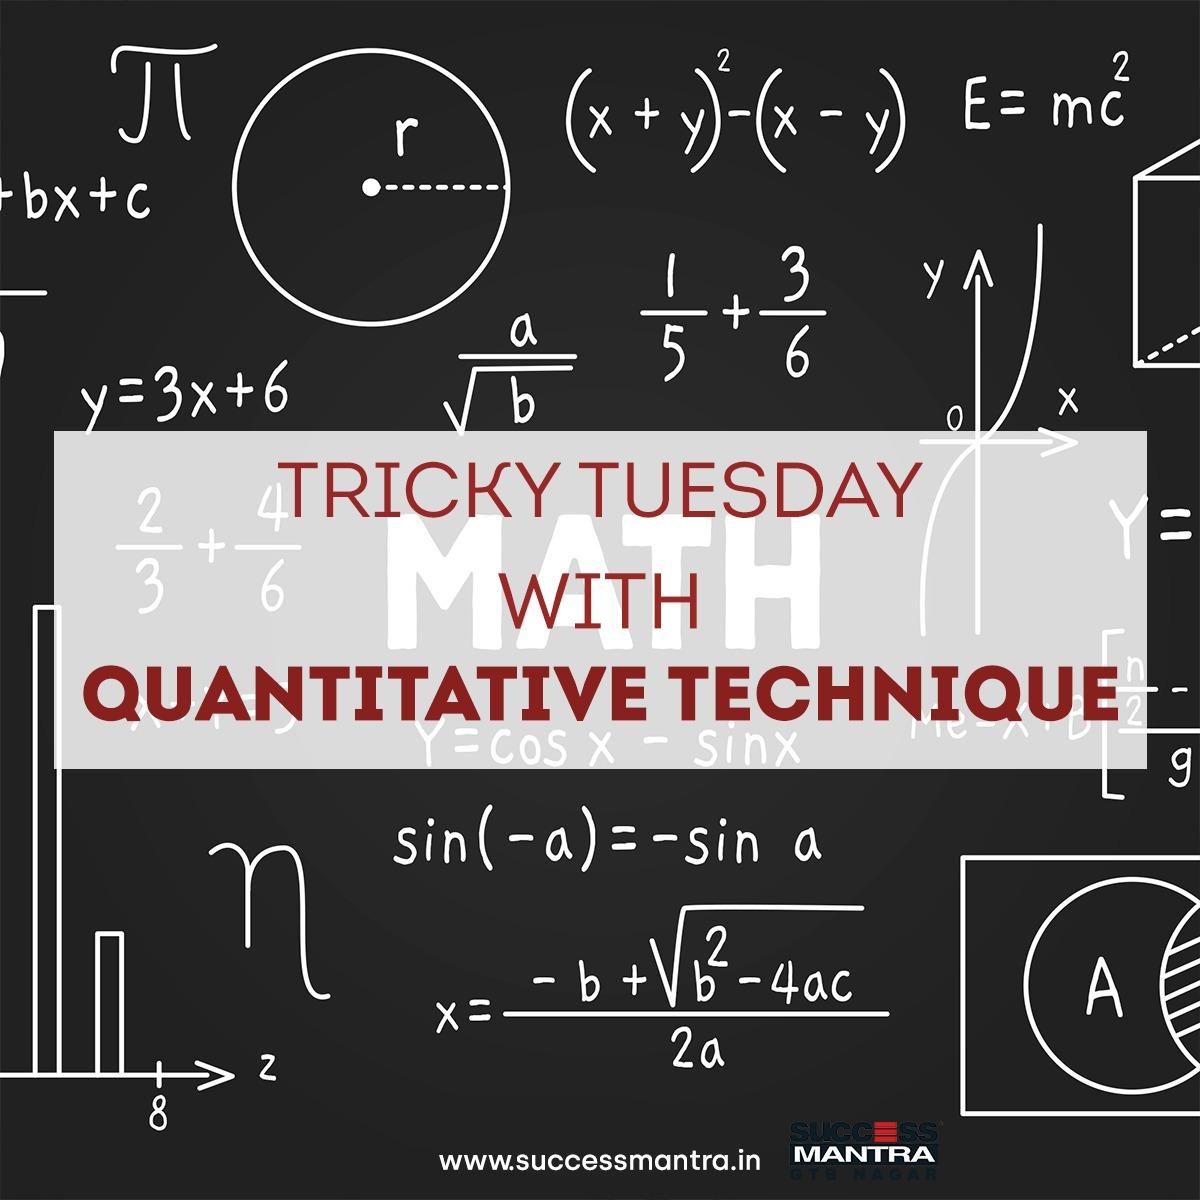 Questions On Quantitative Techniques SMQTQ011